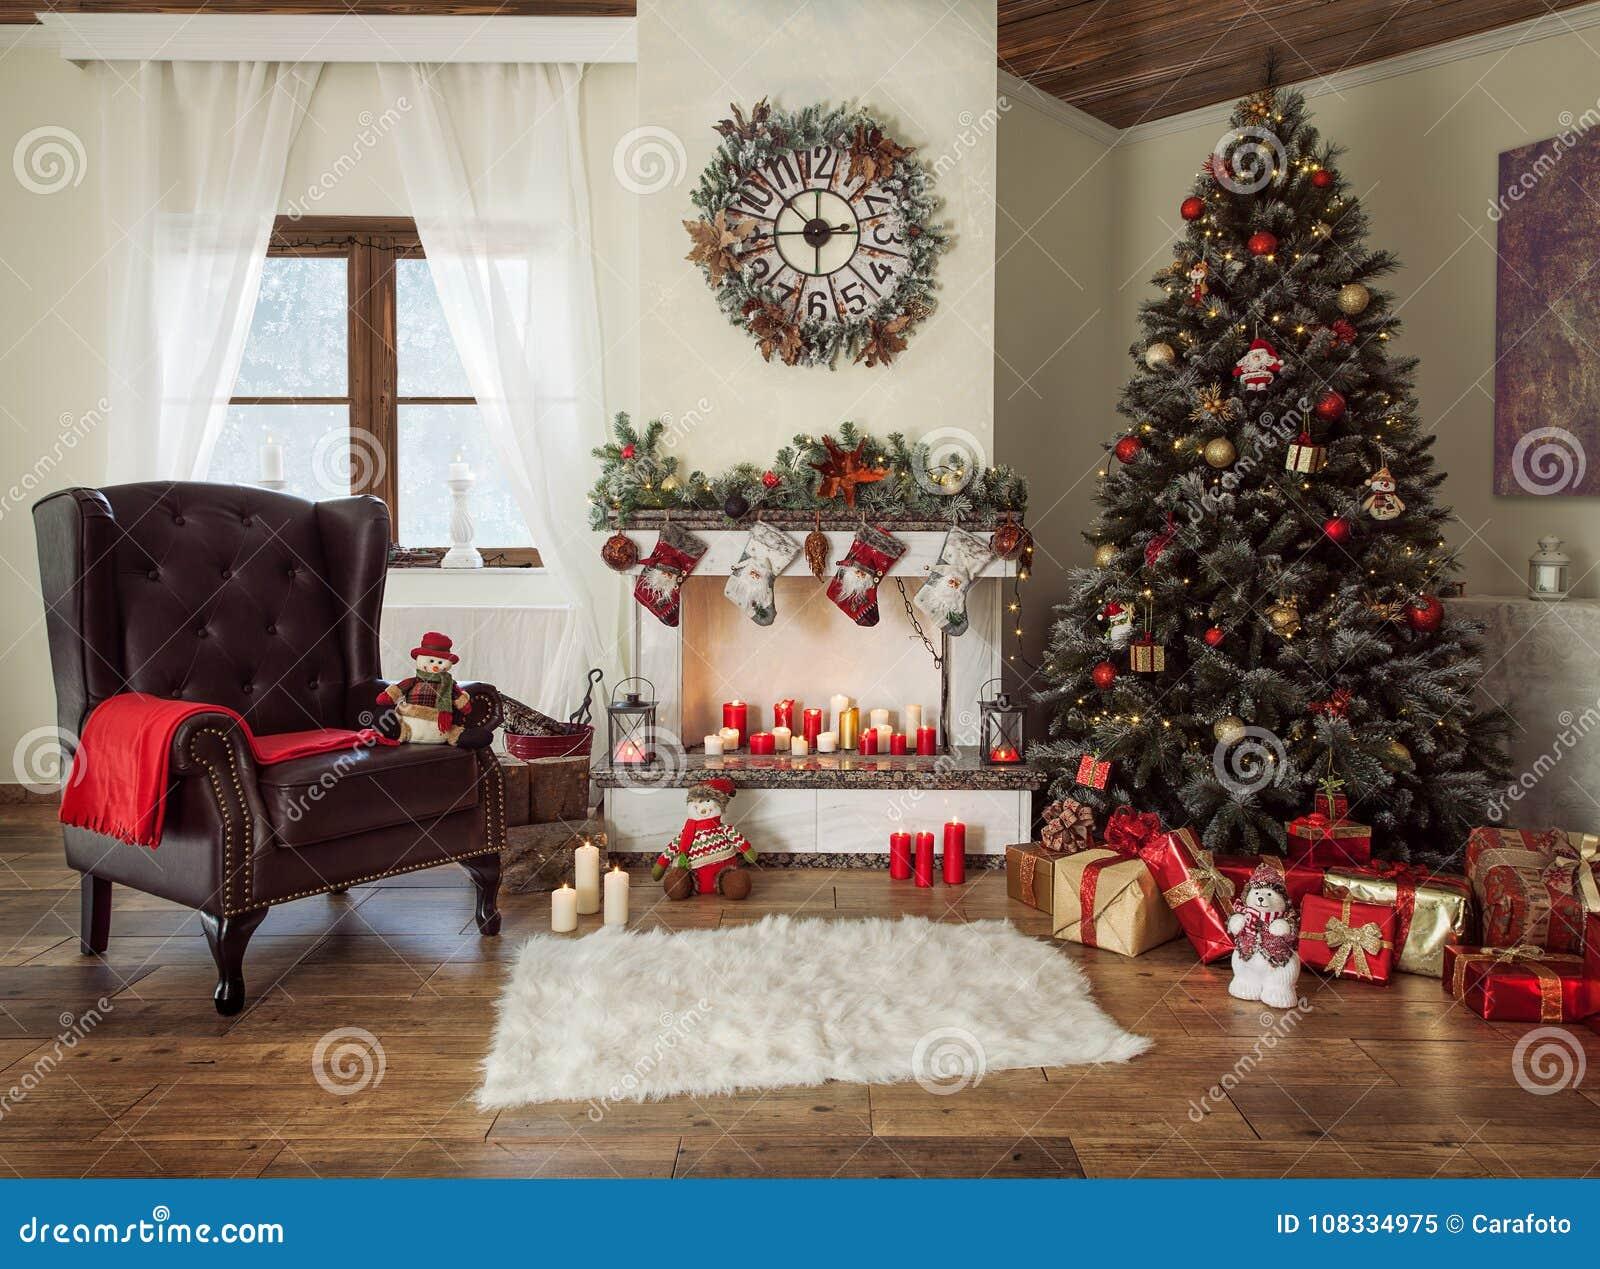 Όμορφο διακοσμημένο καθιστικό με ένα χριστουγεννιάτικο δέντρο και μια θέση πυρκαγιάς